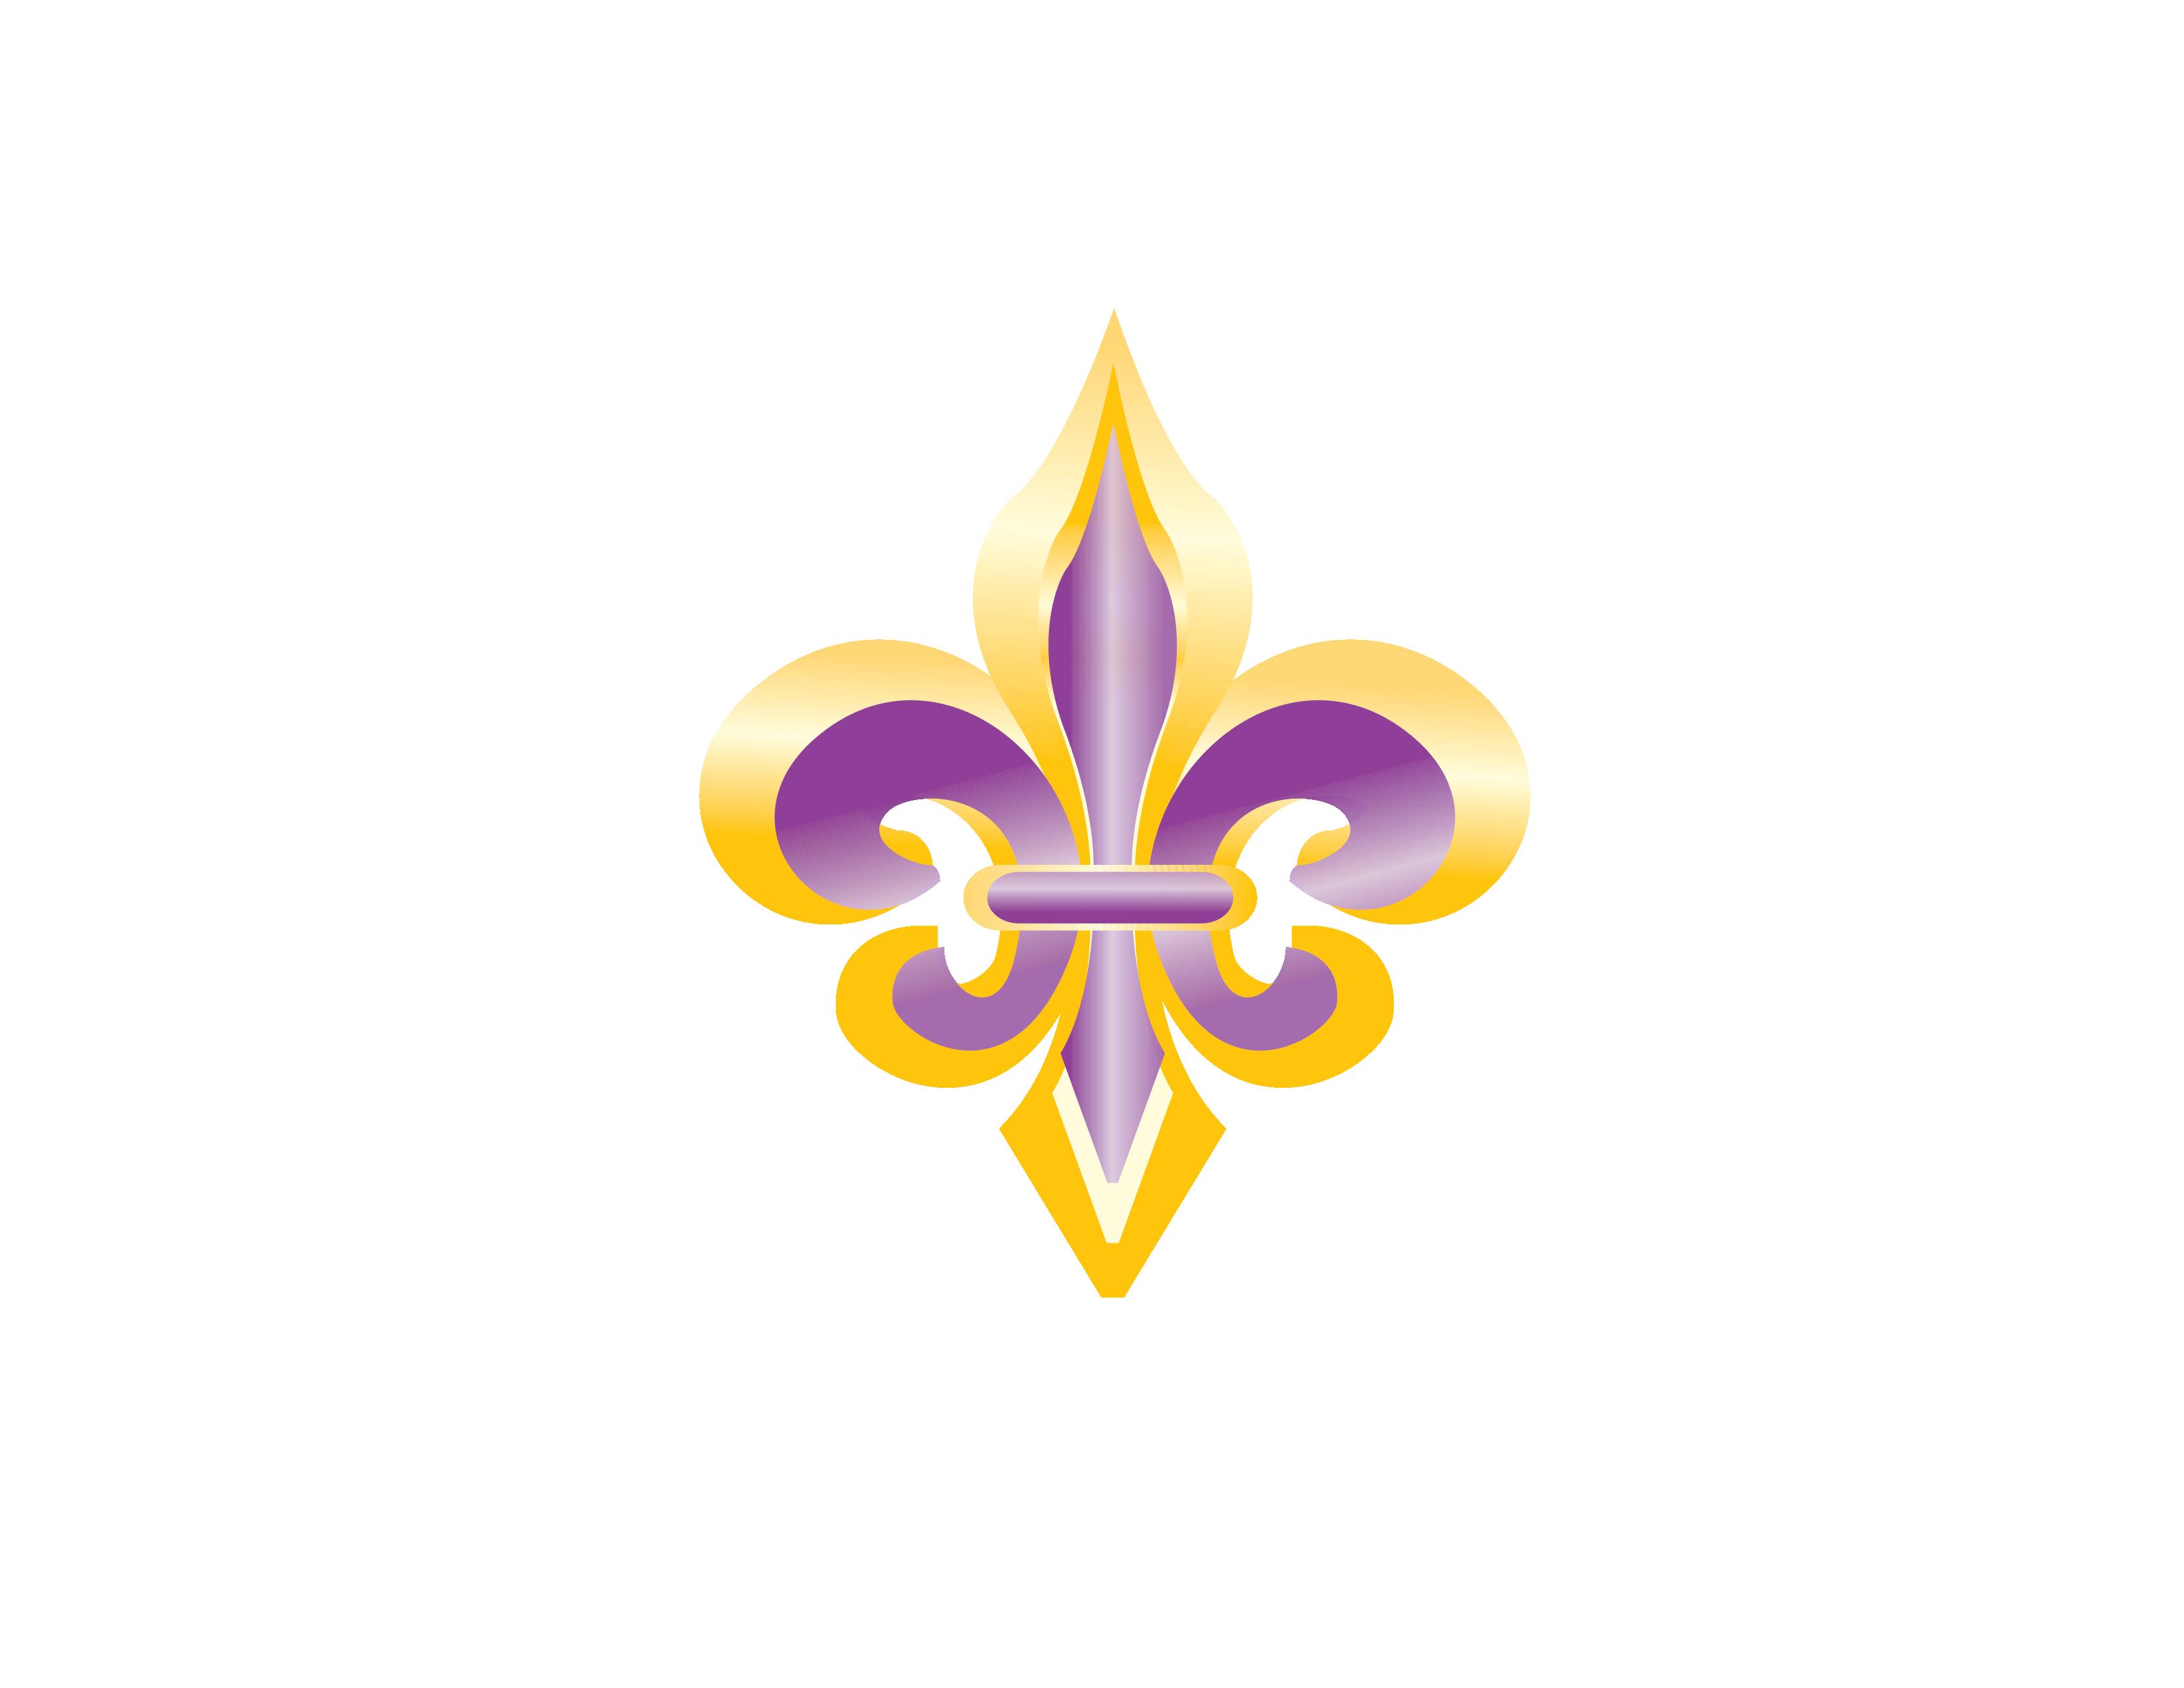 Purple fleur de lis clipart jpg transparent stock Purple and Gold Fleur de Lis Clip Art - New Orleans Free ... jpg transparent stock